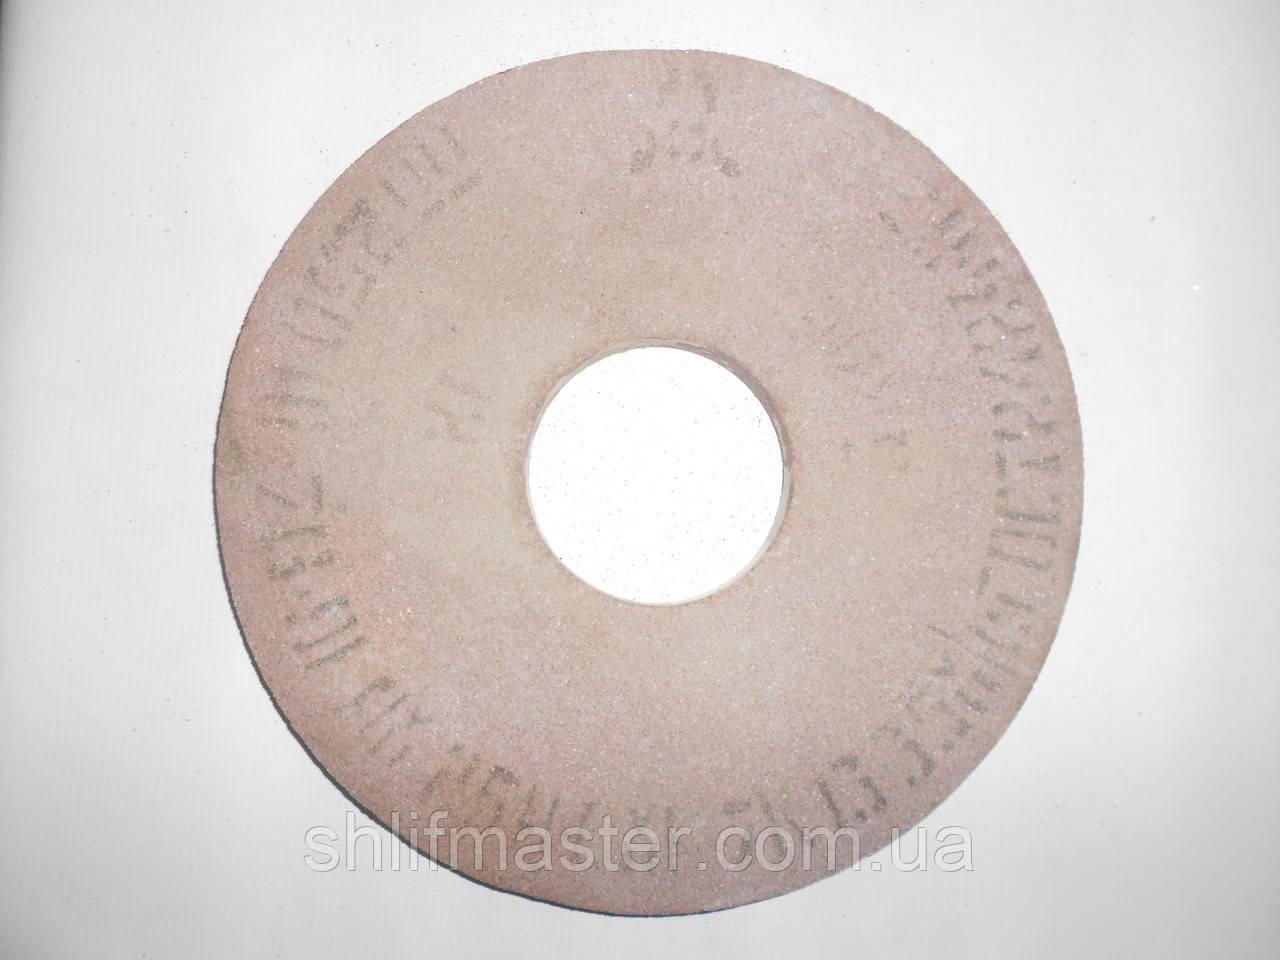 Круг абразивный шлифовальный 91А ПП 250х16х76 25 СМ прямого профиля розовый